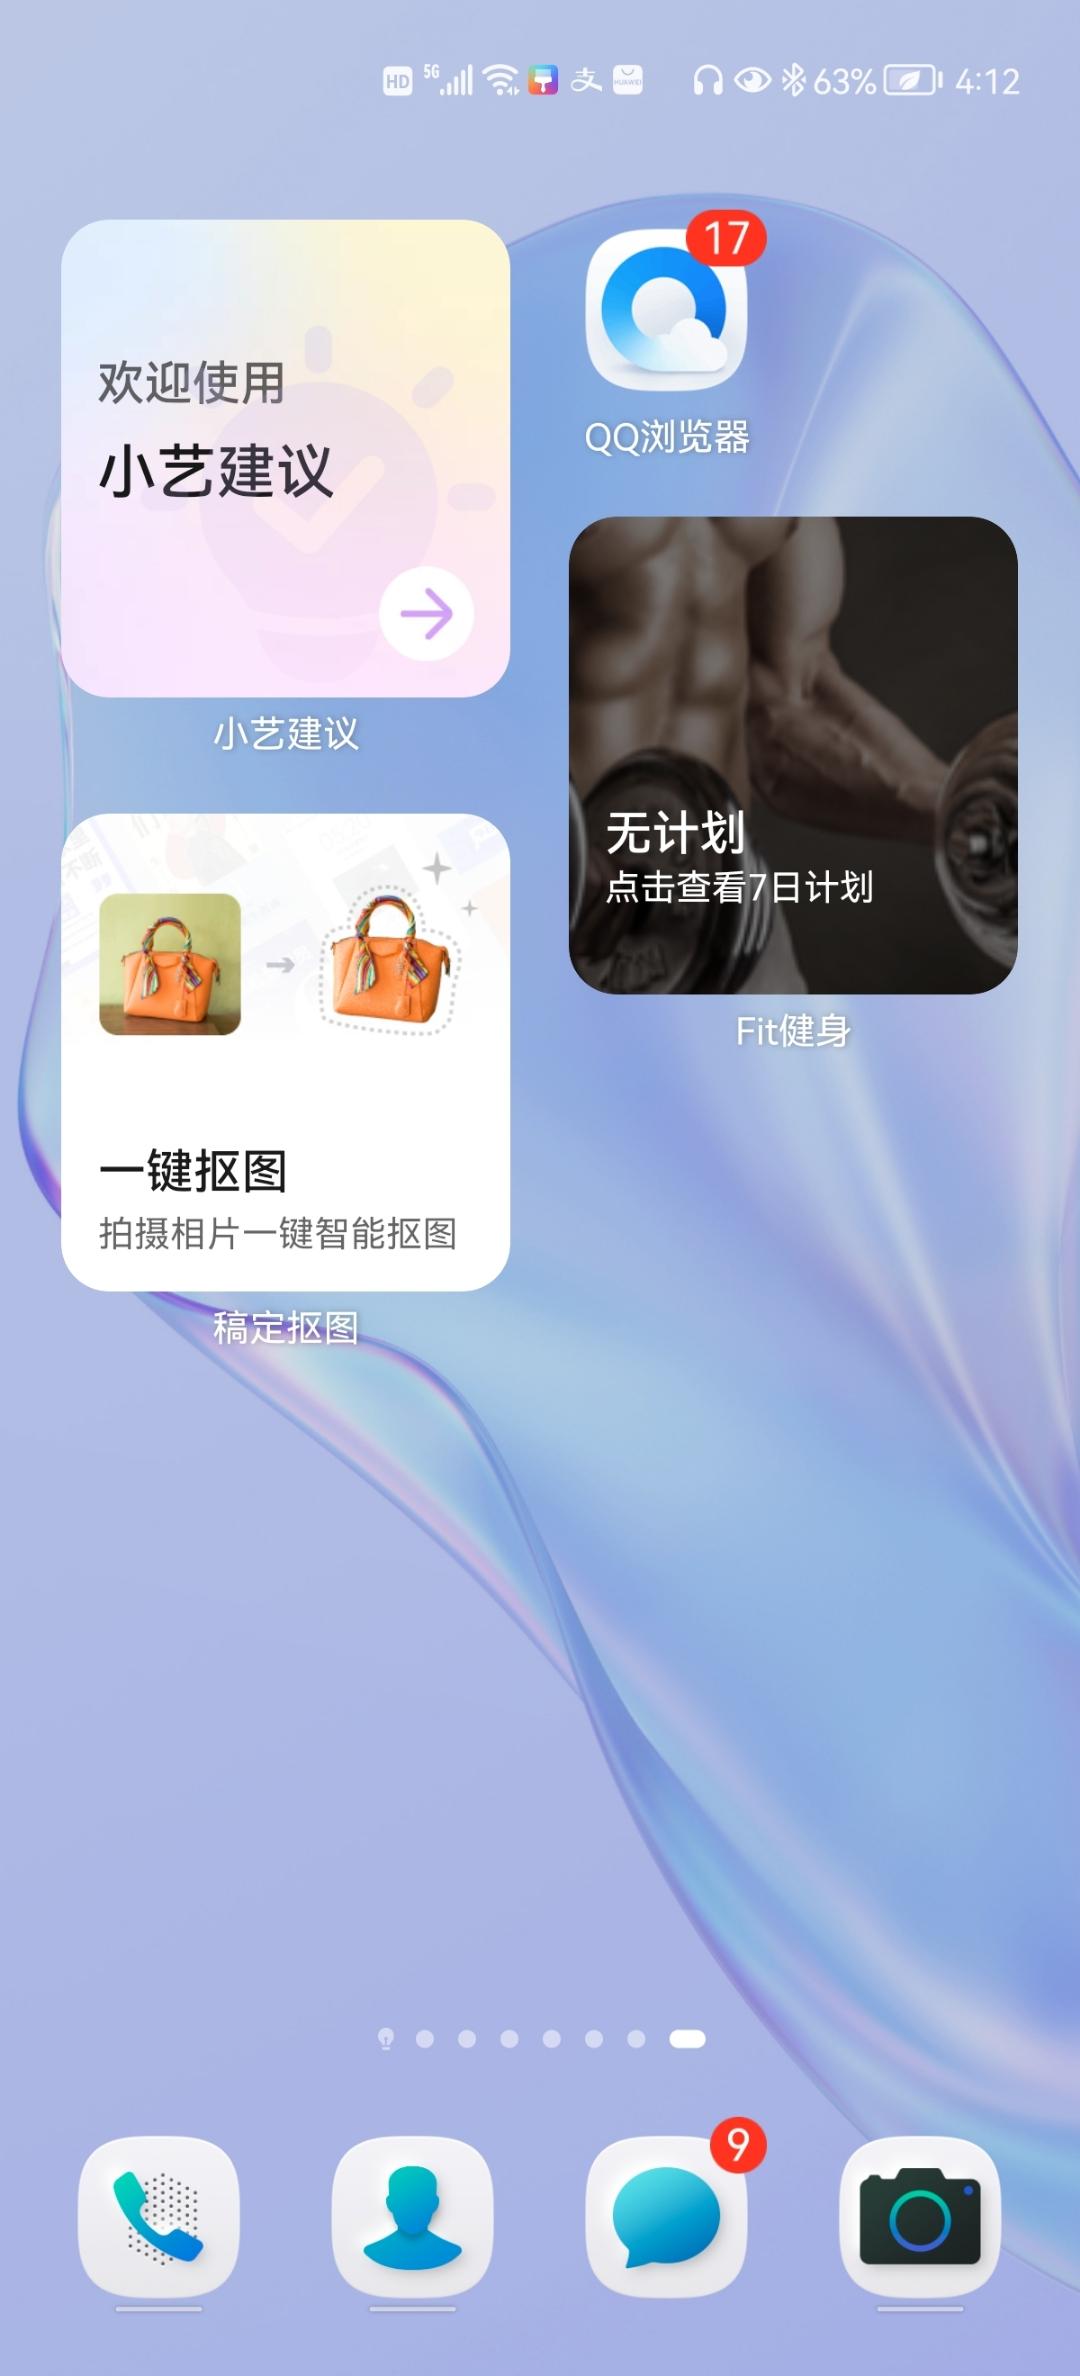 Screenshot_20210723_161203_com.huawei.android.launcher.jpg